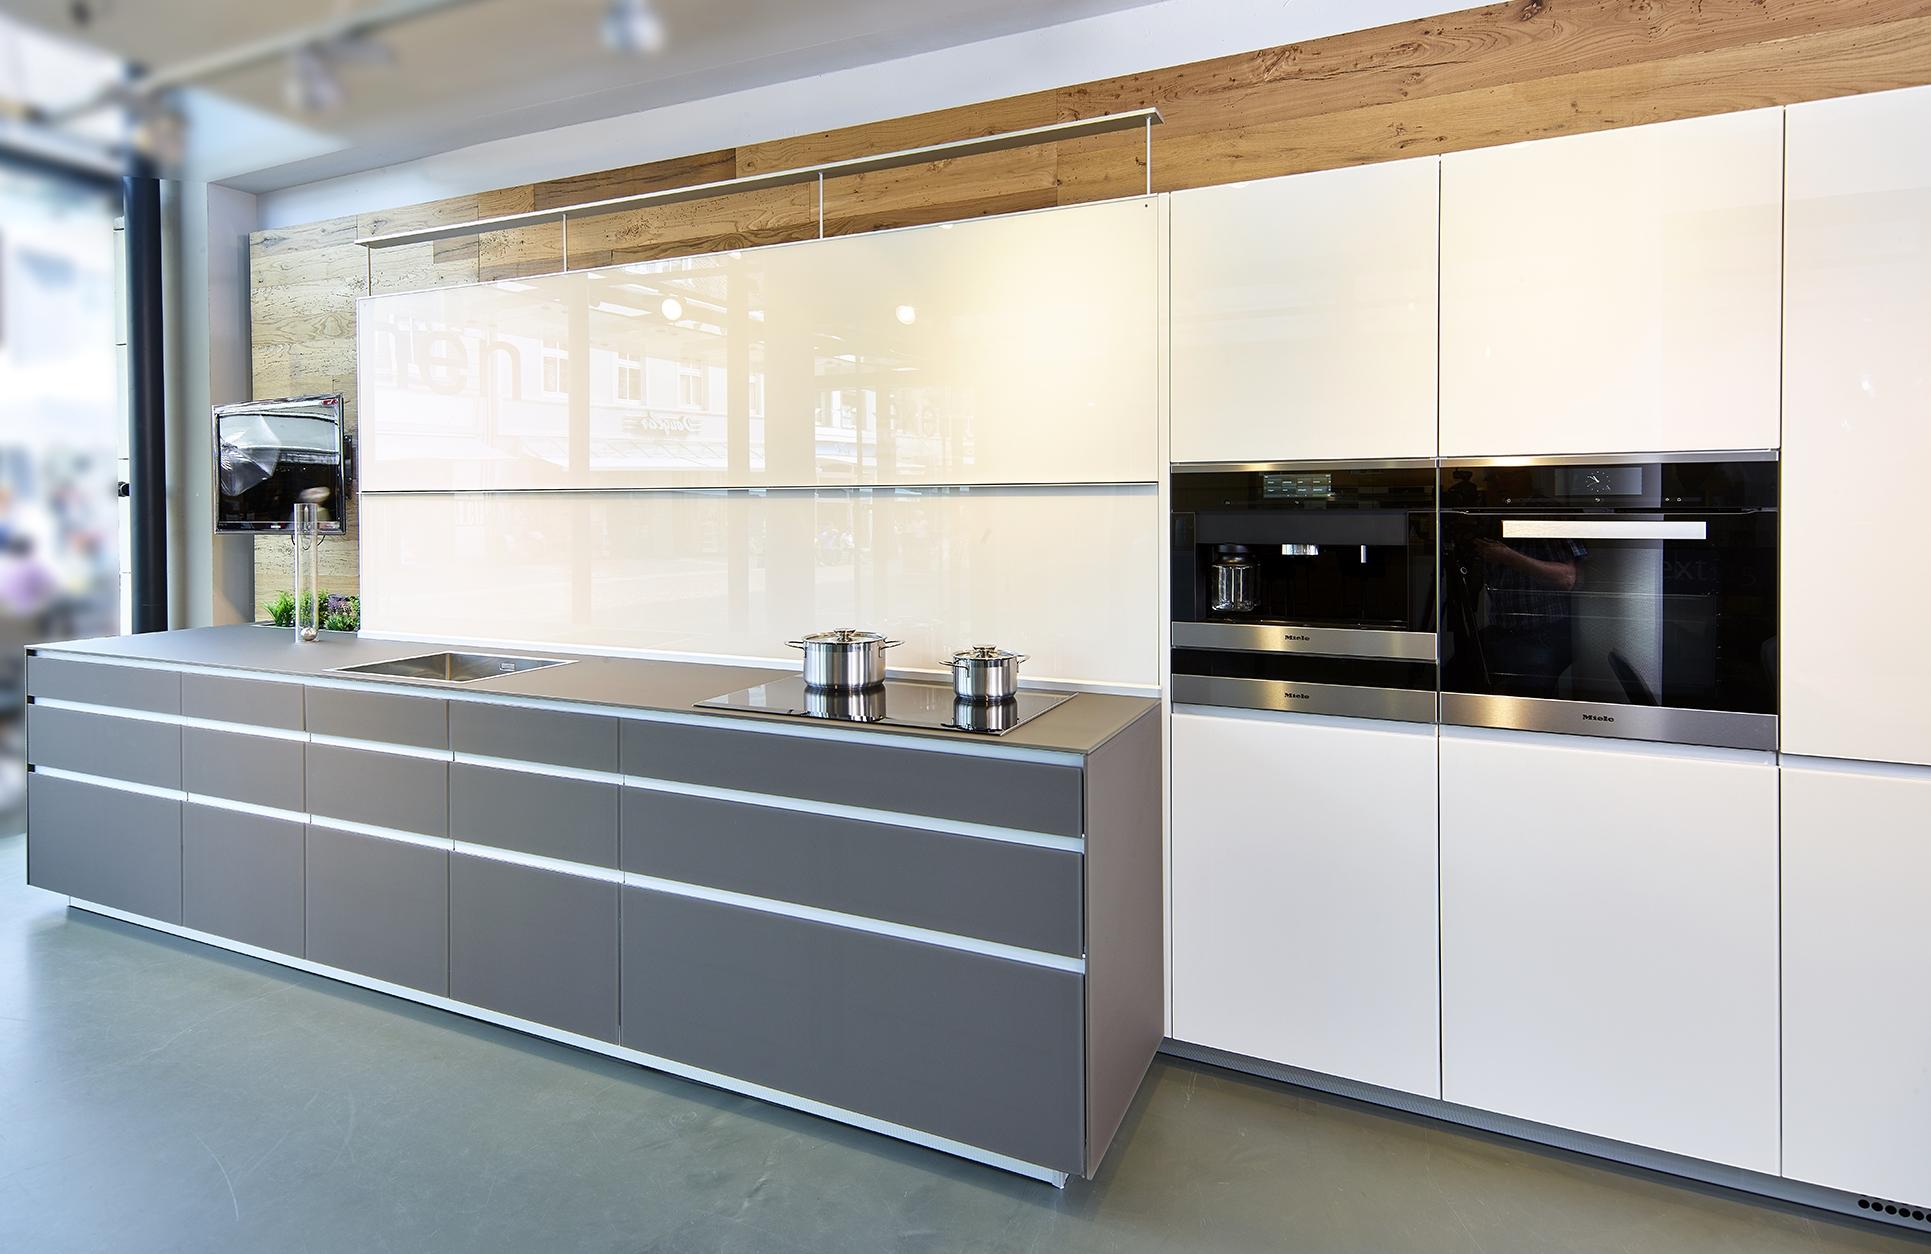 Full Size of Valcucine Küchen Abverkauf Kche Kaufen Musterkchen Regal Bad Inselküche Wohnzimmer Valcucine Küchen Abverkauf